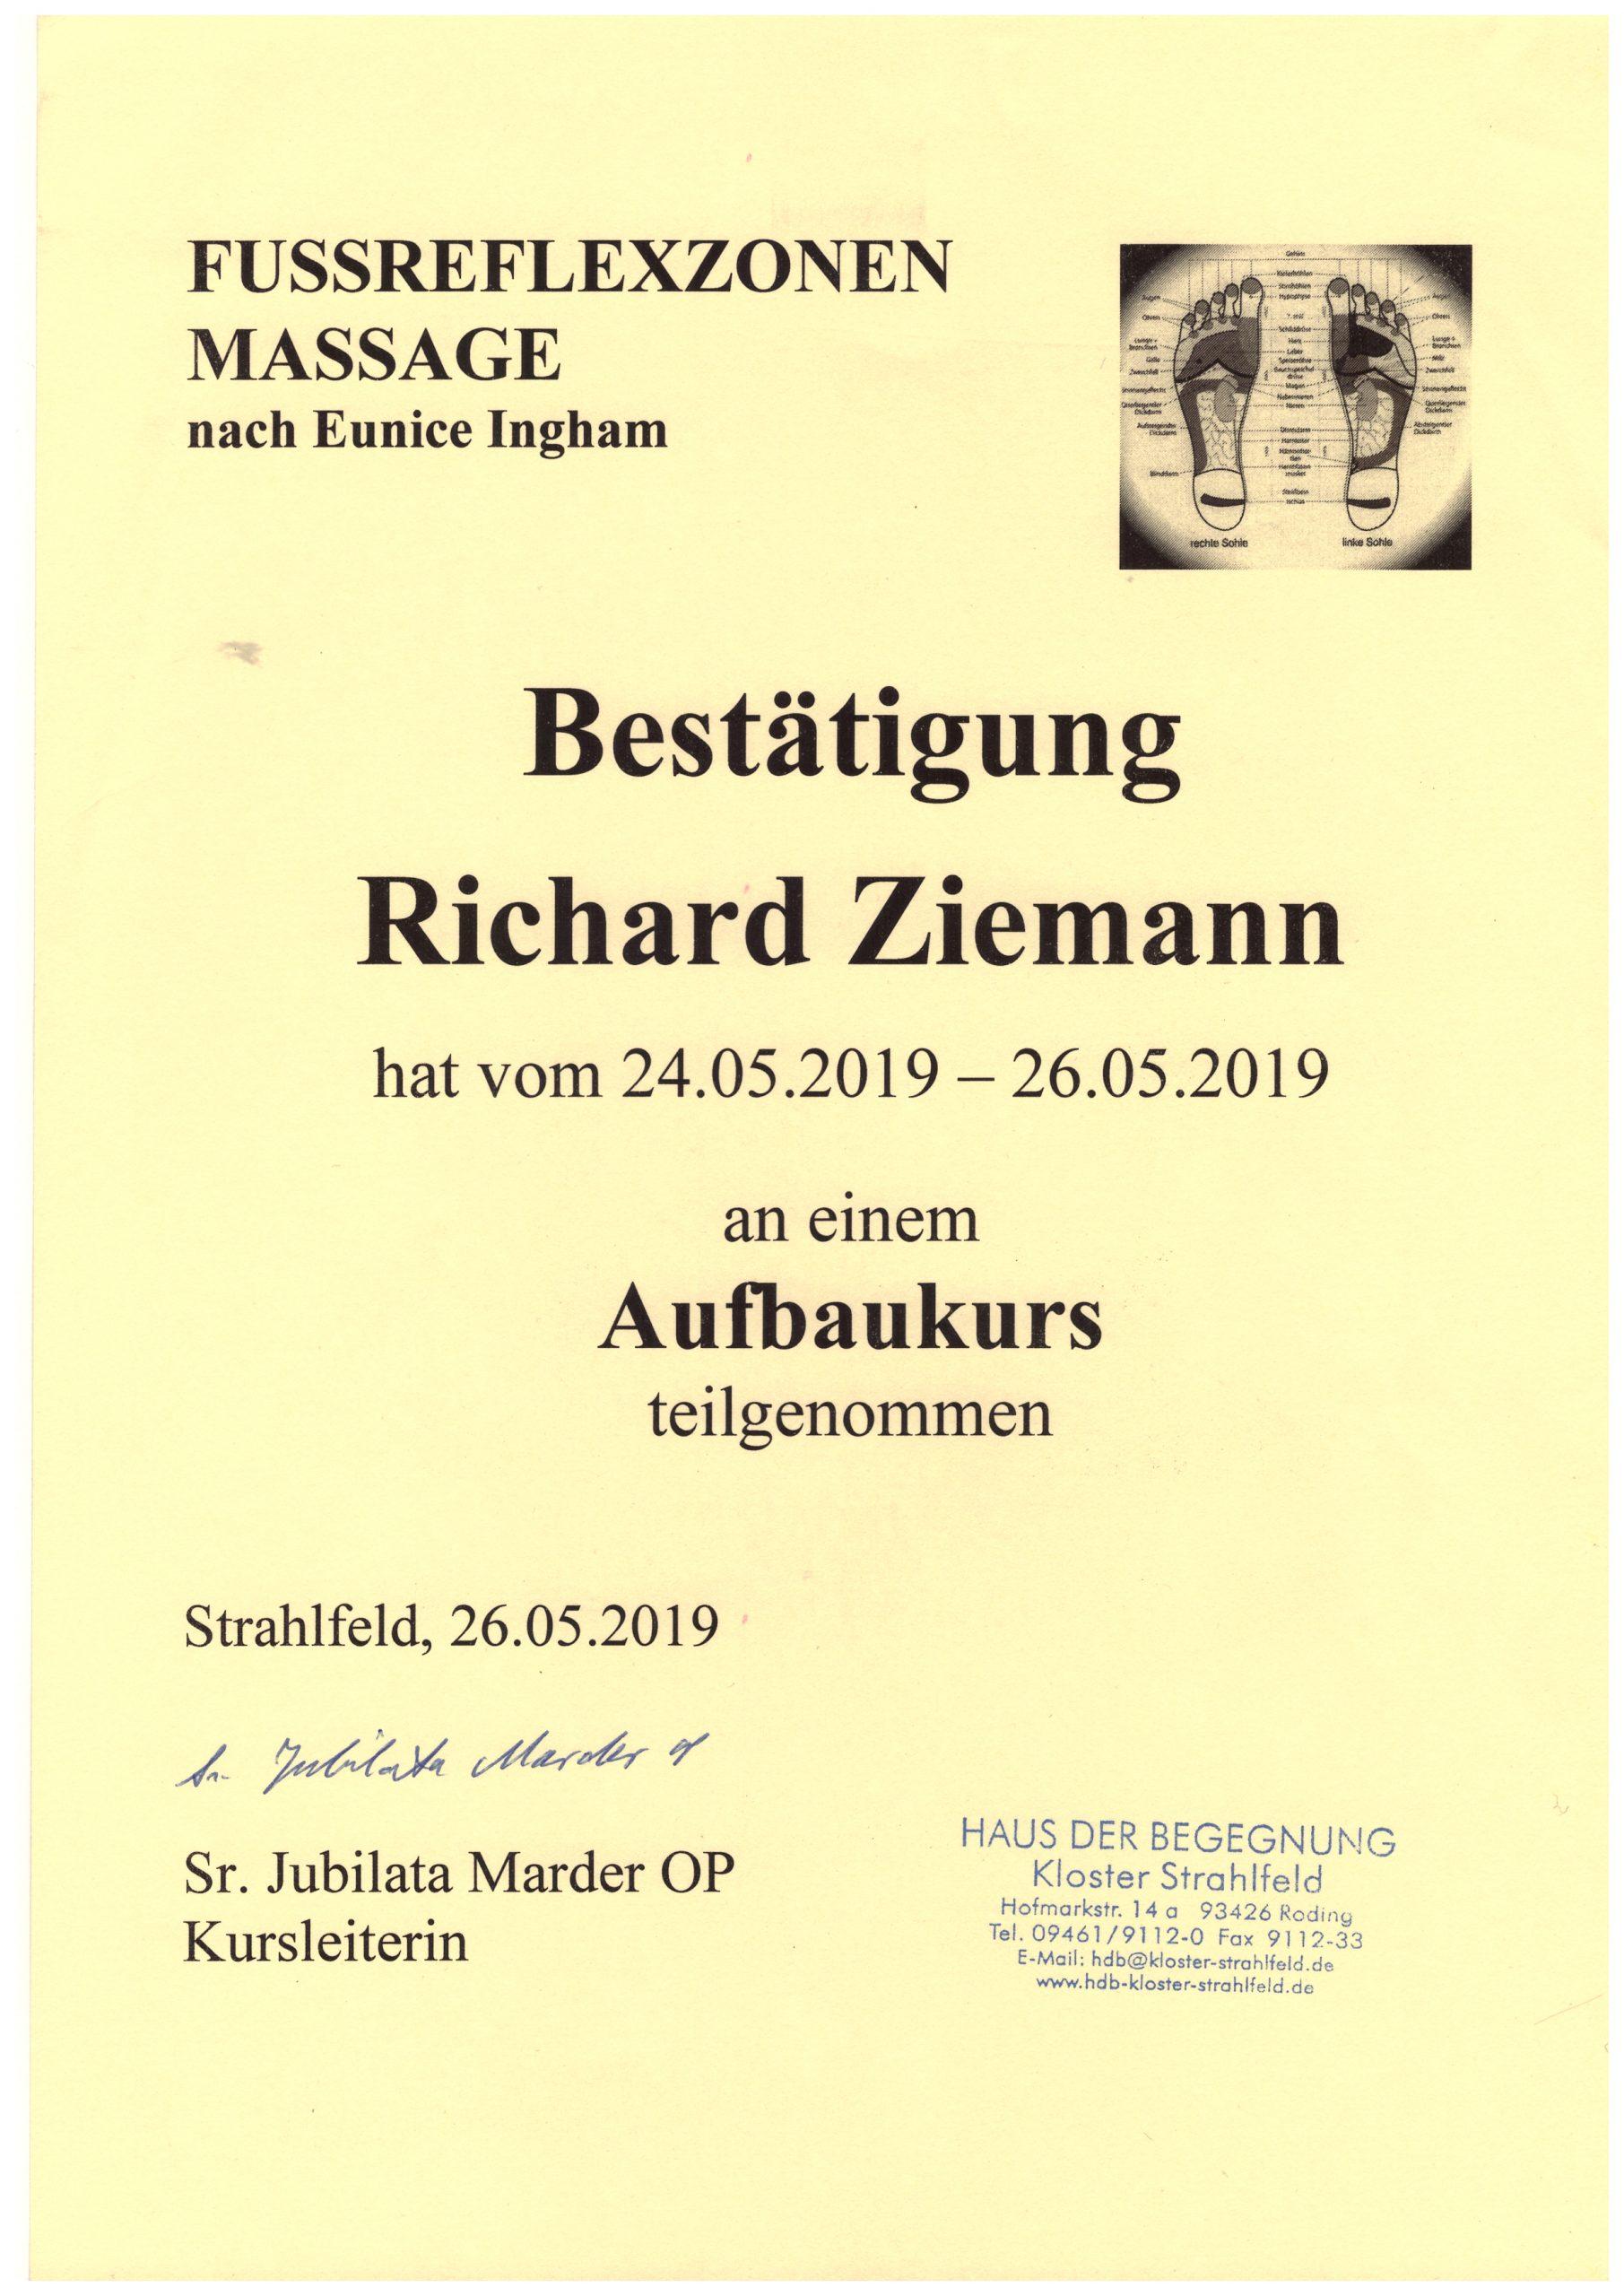 Richard Ziemann - Aufbaukurs Fußreflexzonenmassage